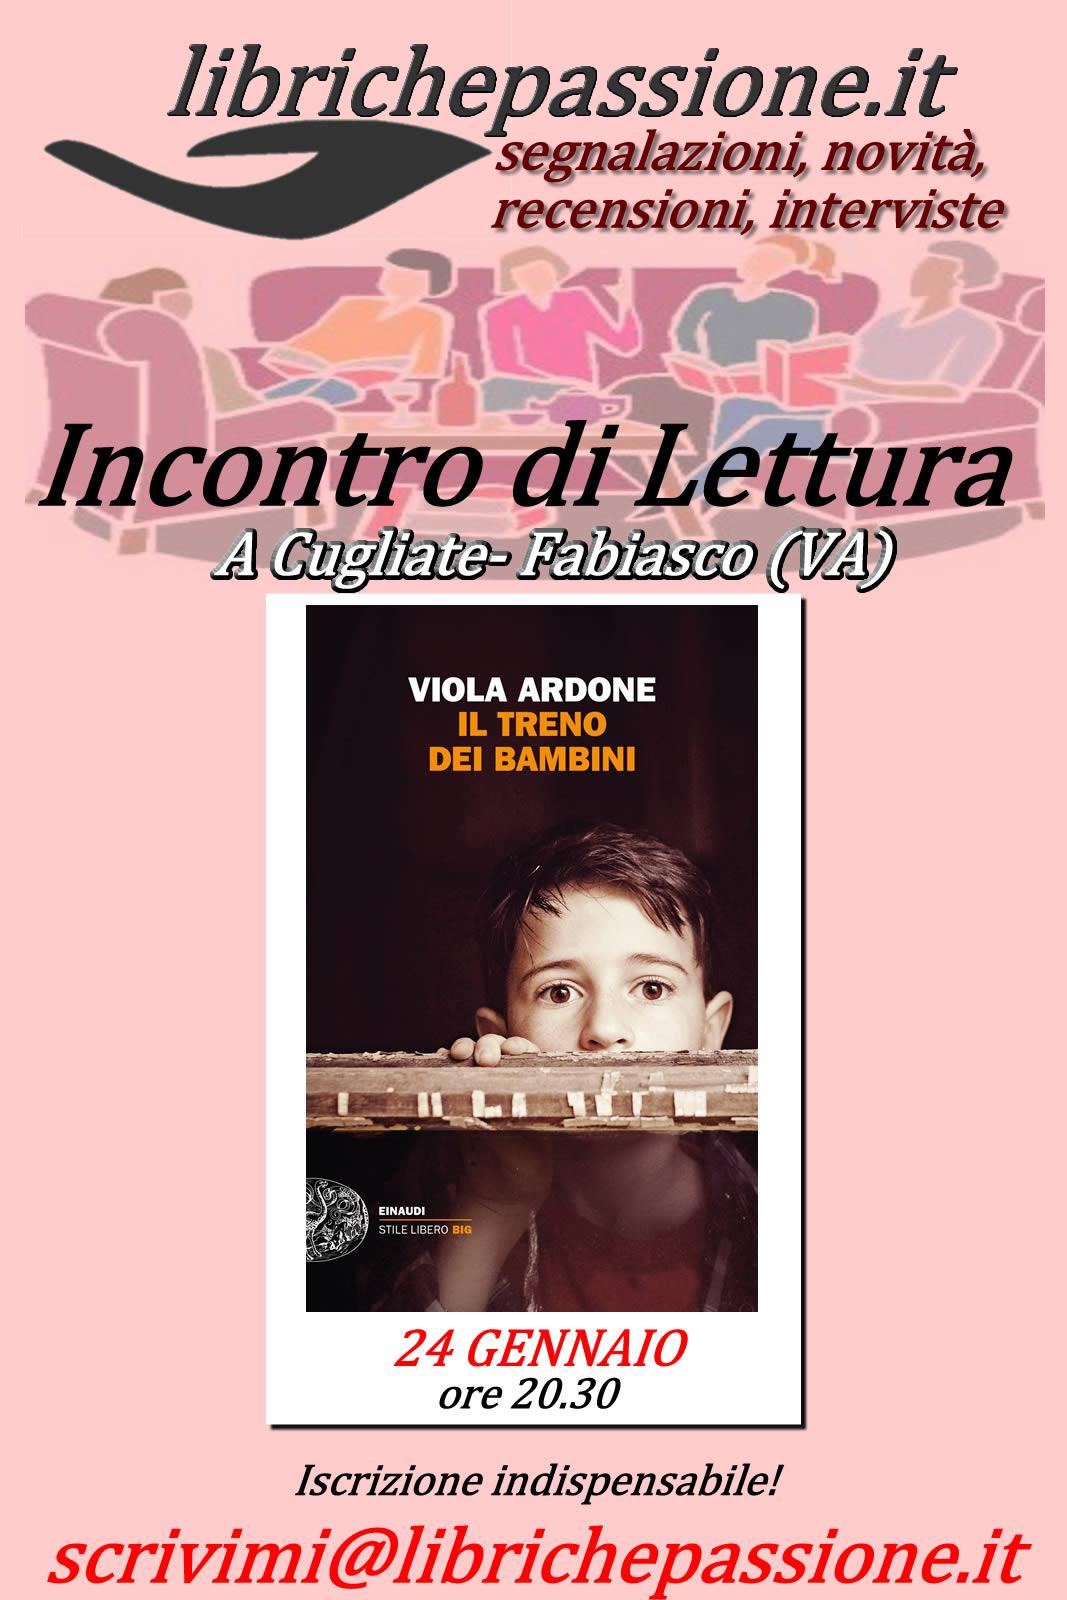 Appuntamento con i libri a Cugliate Fabiasco,gli incontri  di lettura  inizieranno il 24 Gennaio 2020.Per chi volesse partecipare sono aperte le iscrizioni.